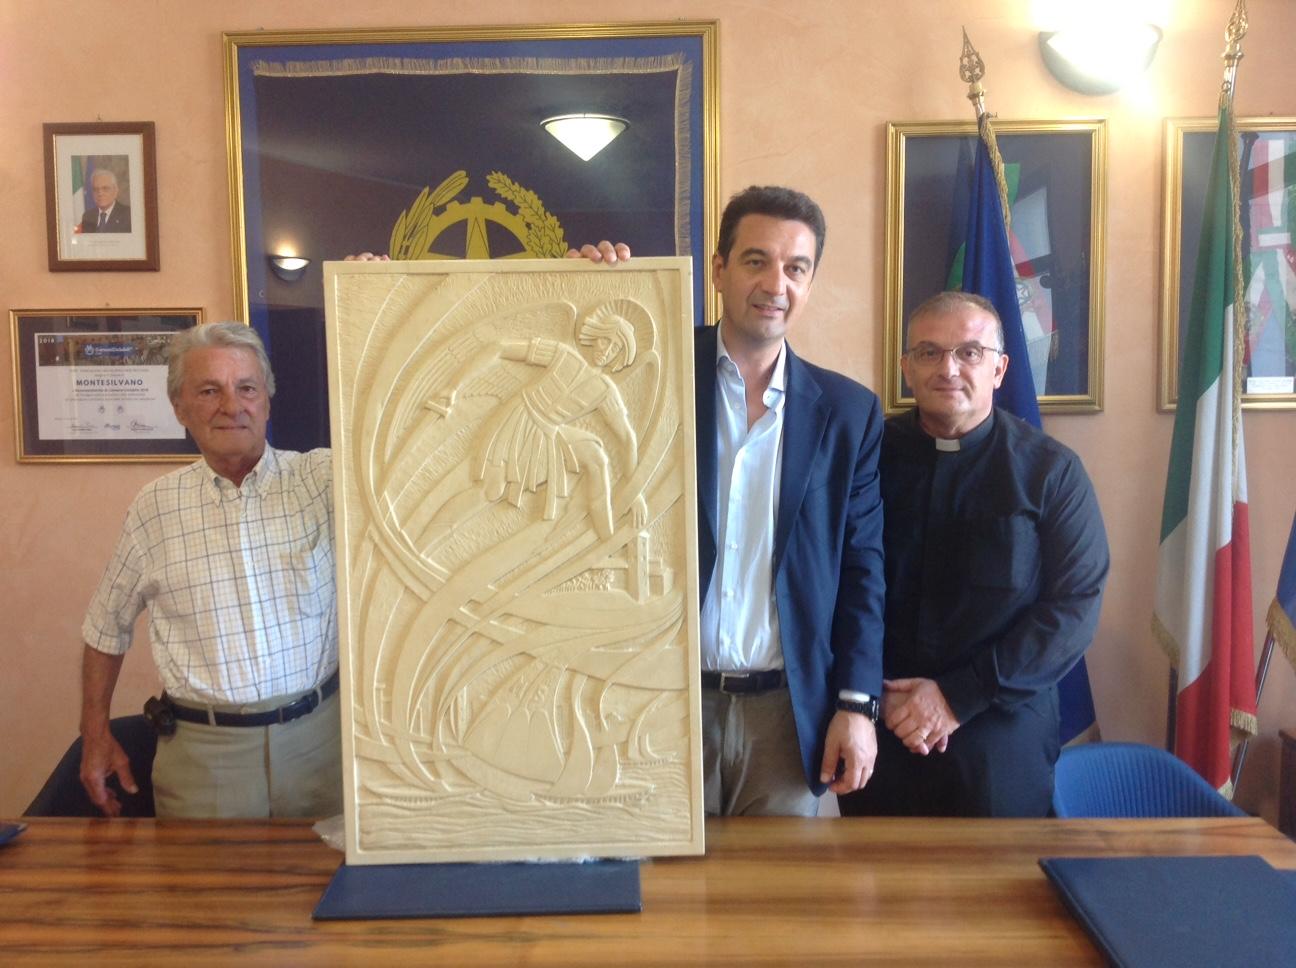 Donata la scultura di San Michele Arcangelo protettore della città